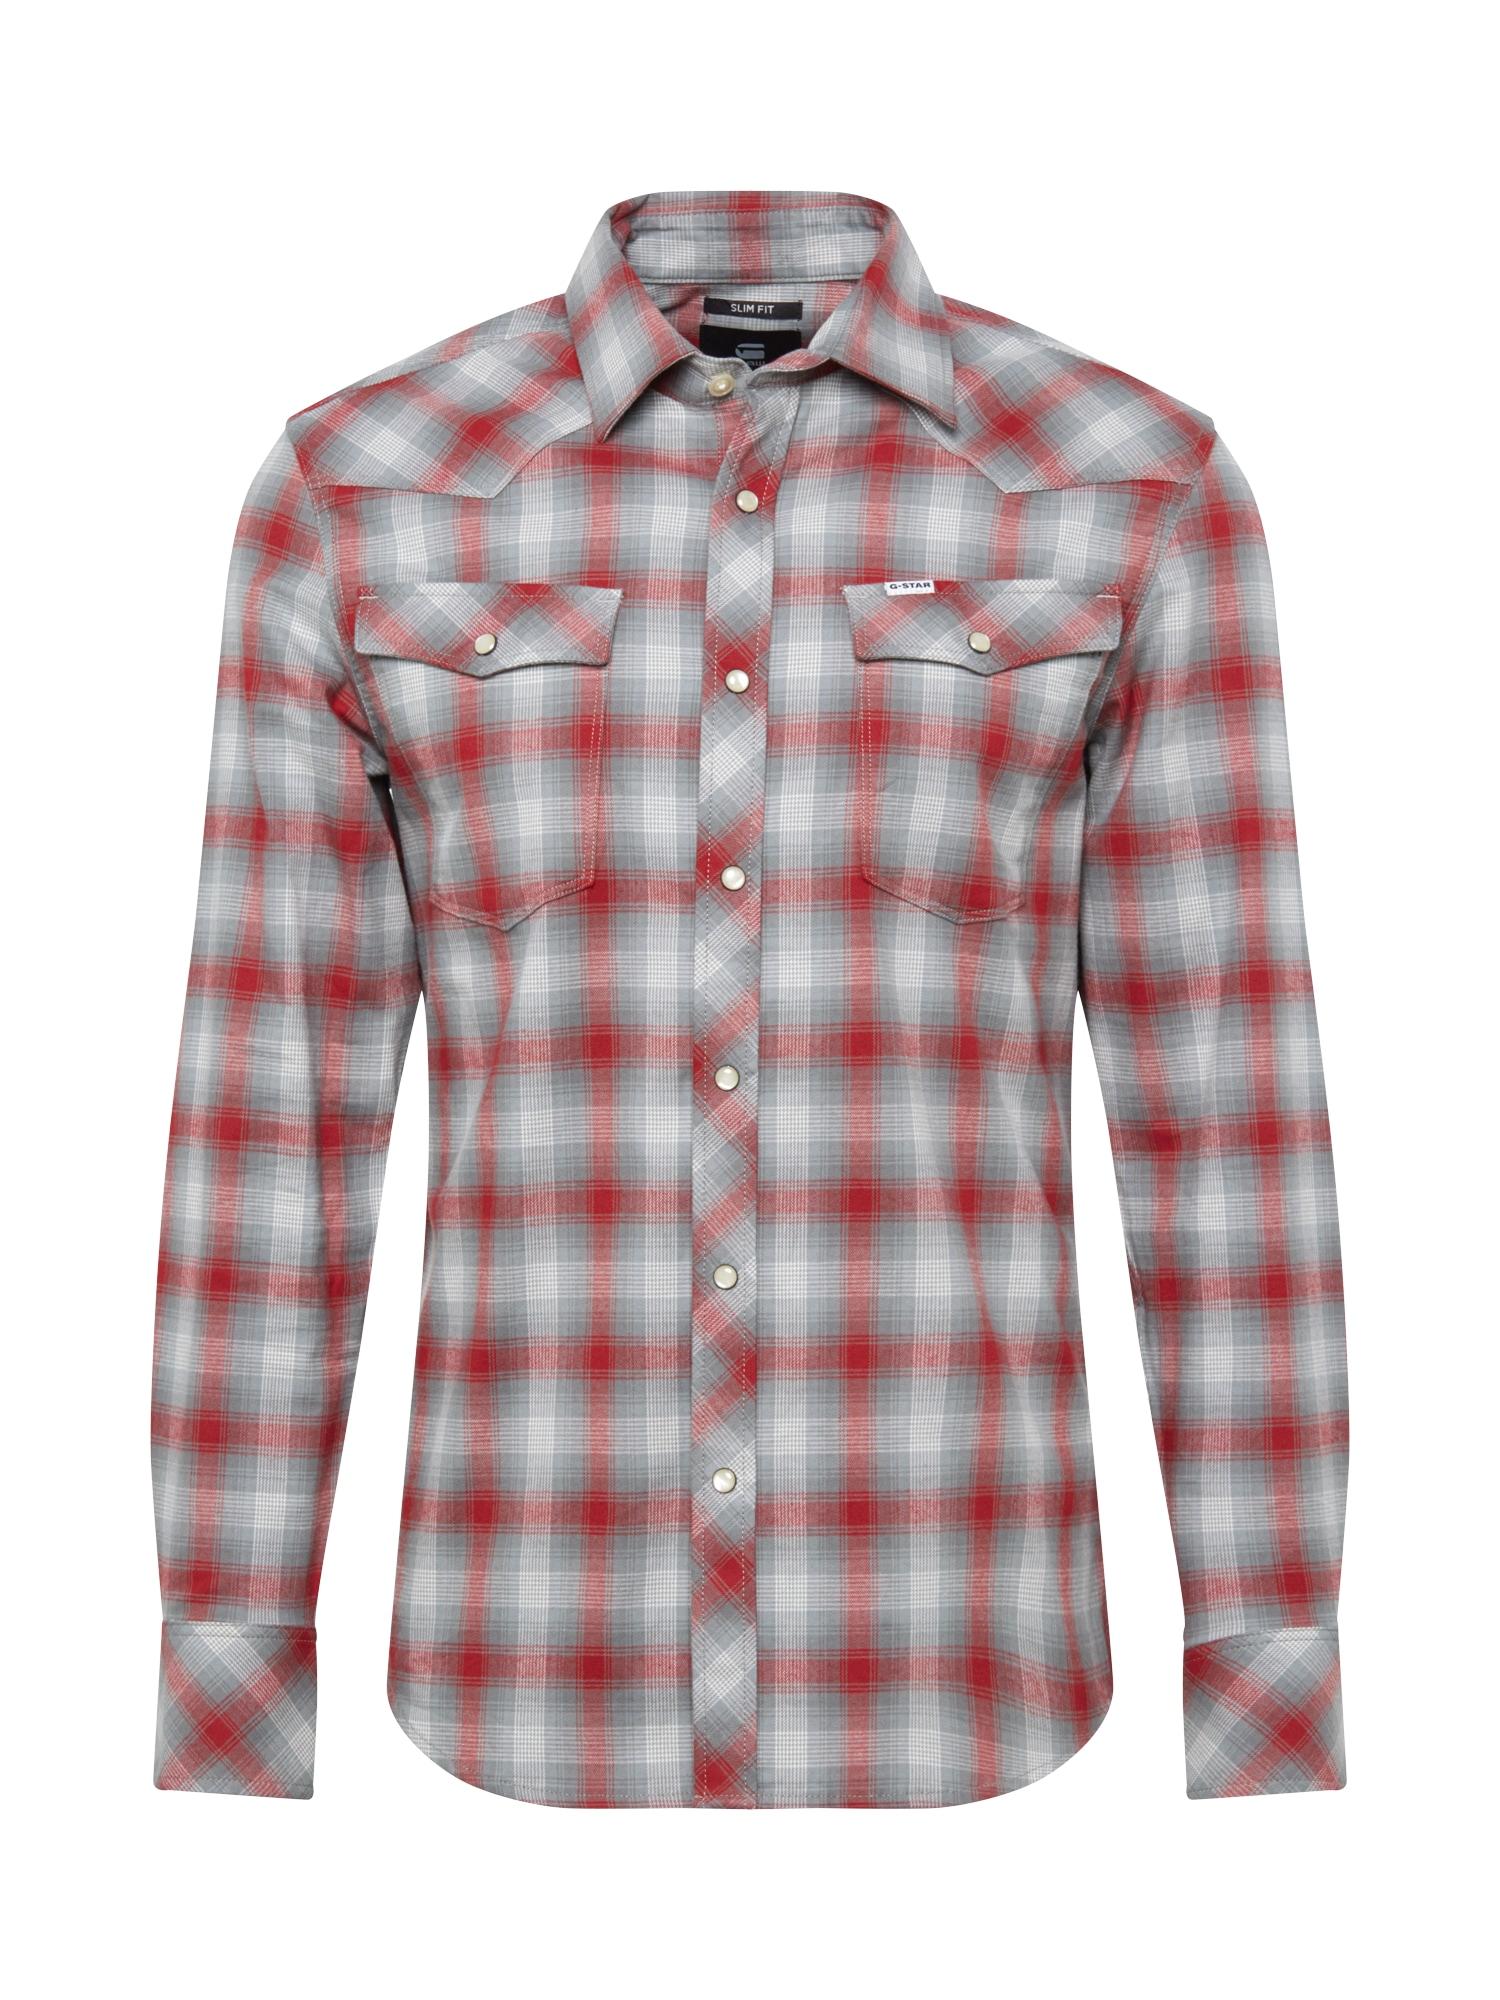 G-Star RAW Marškiniai raudona / pilka / balta